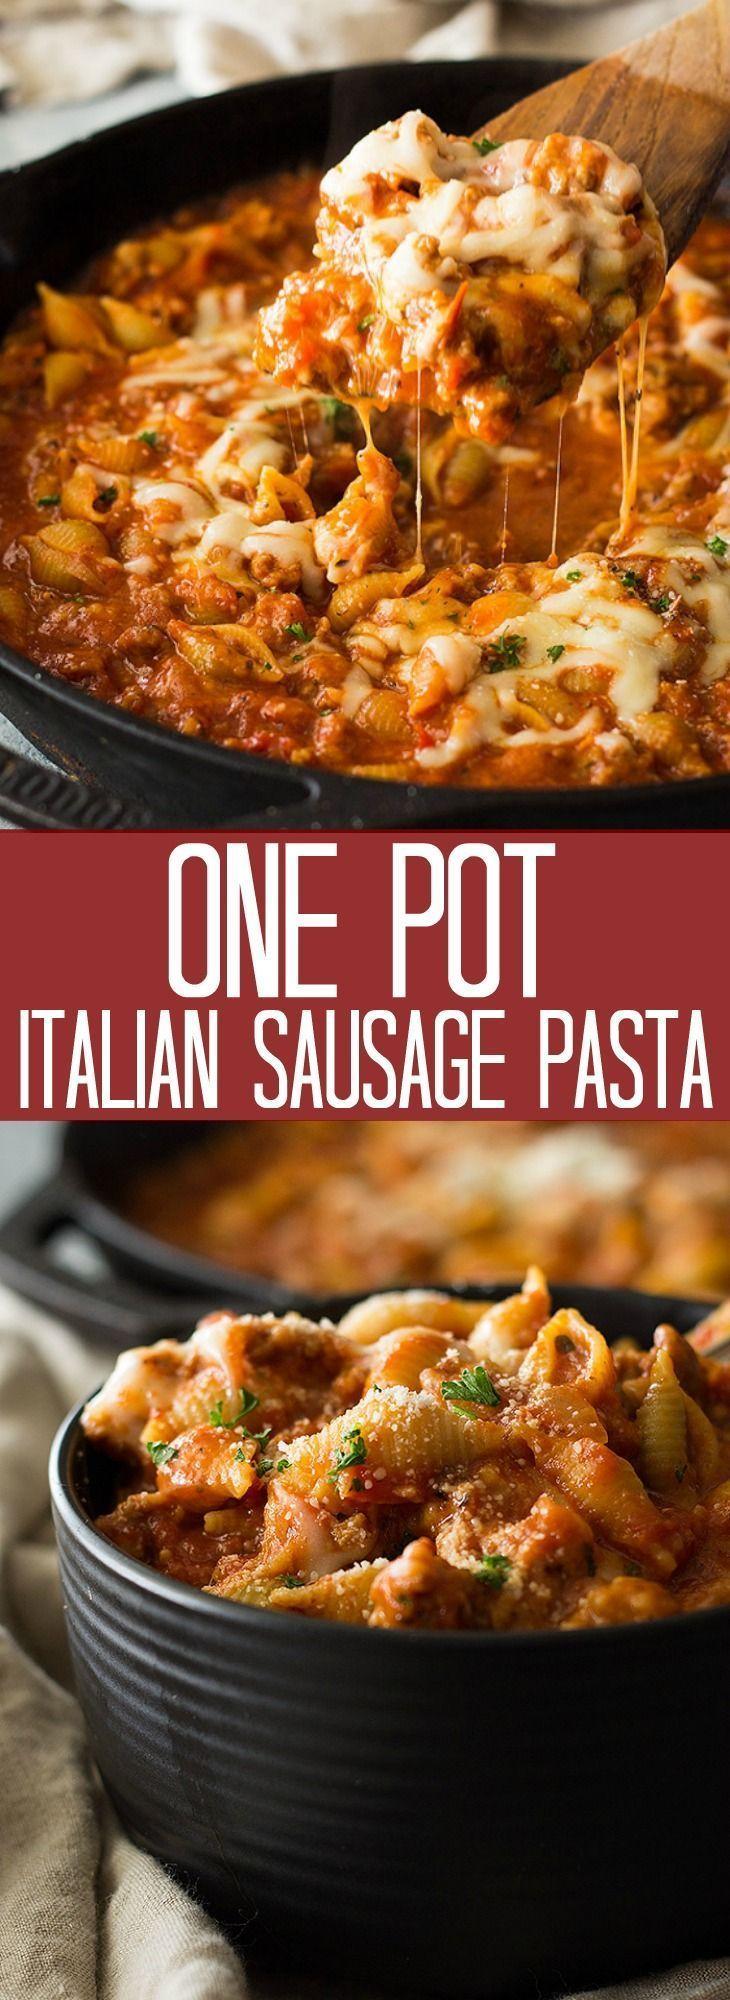 Diese italienische Wurstnudel mit einem Topf ist eine einfache 30-minütige Mahlzeit. Es wird mit ...   - Pasta Recipes    #30minütige #diese #eine #einem #Einfache #ist #italienische #Mahlzeit #mit #Pasta #Recipes #Topf #wird #Wurstnudel #sausagedinner